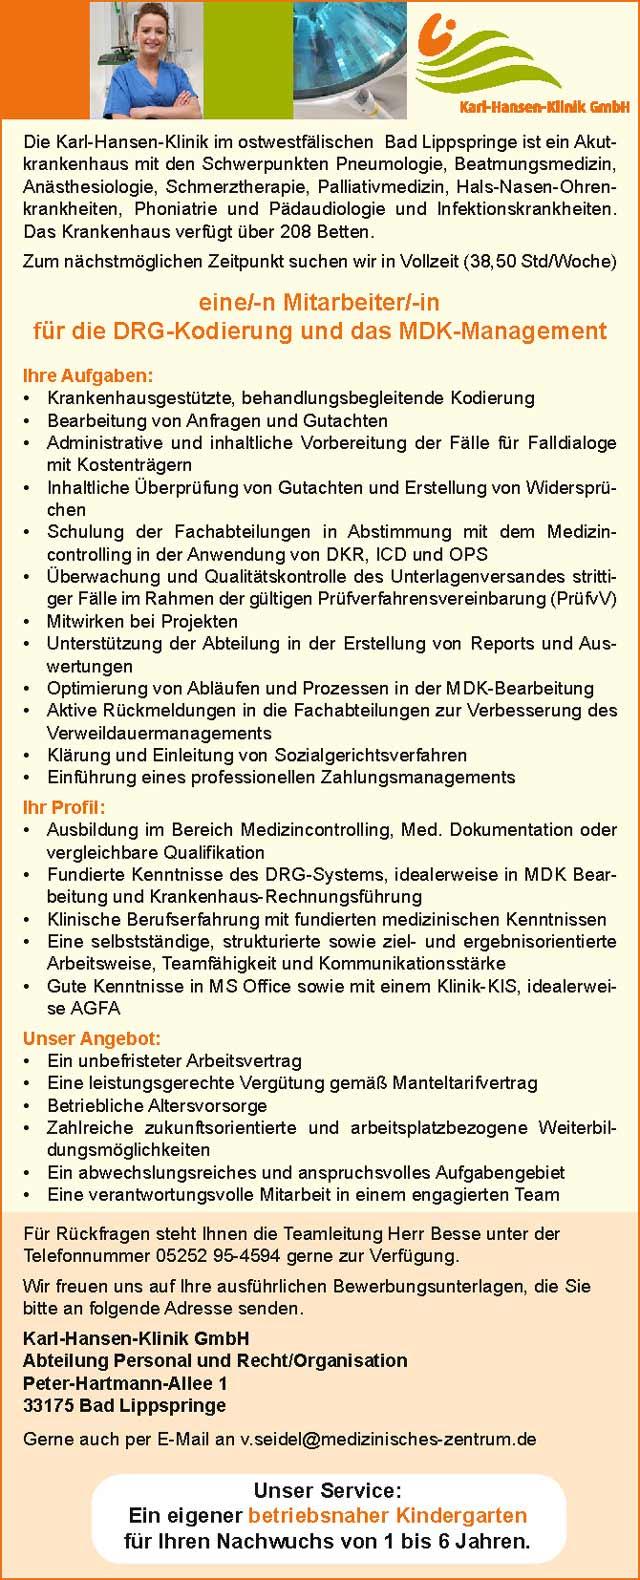 Karl-Hansen-Klinik GmbH, Bad Lippspringe: Mitarbeiter DRG-Kodierung / MDK-Management (m/w)